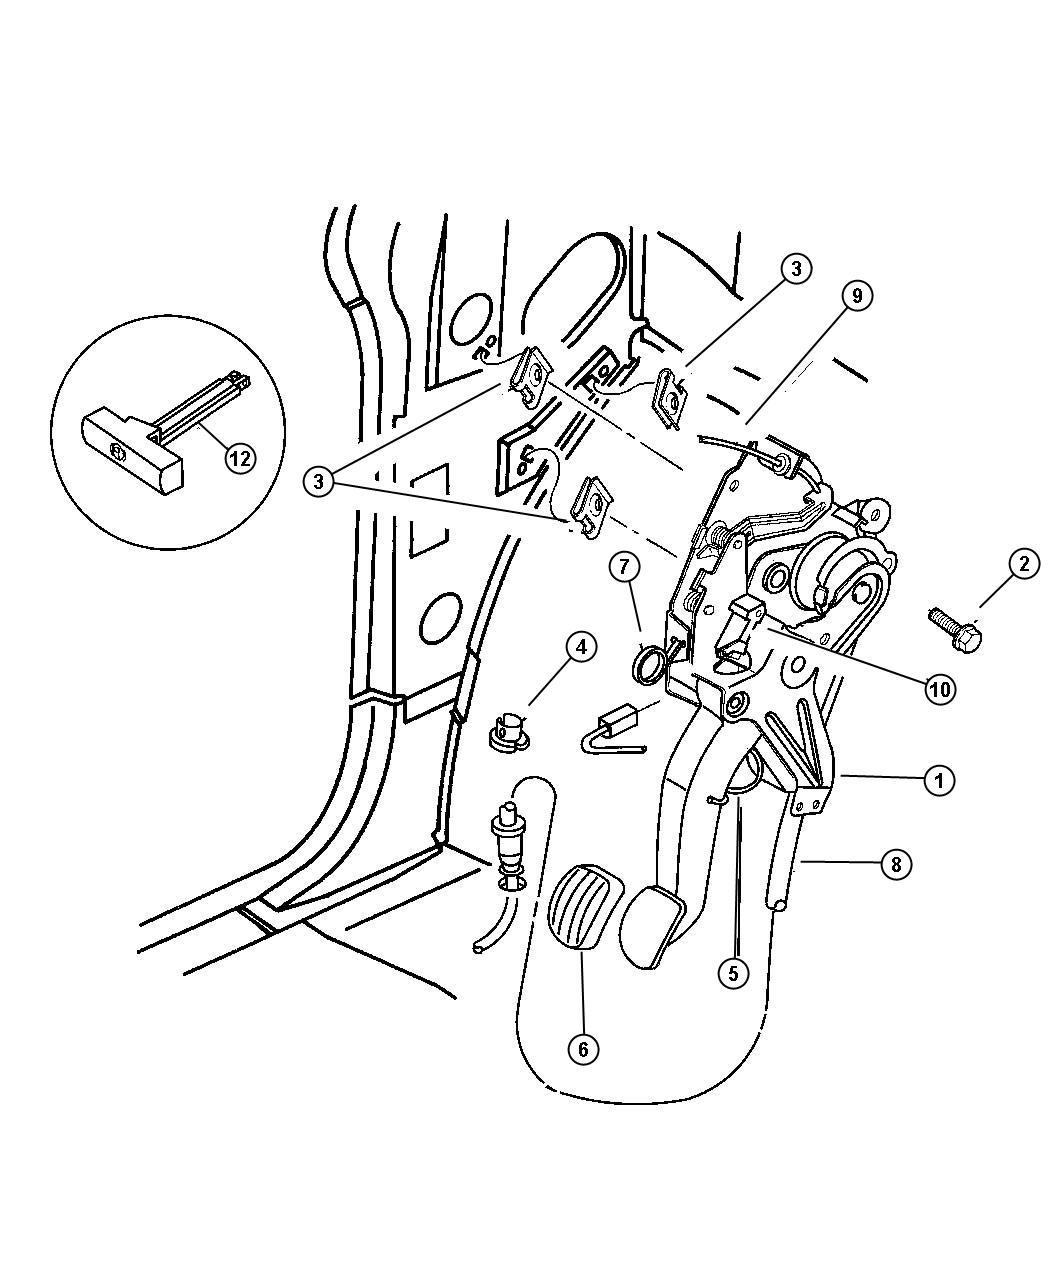 Dodge Caravan Cable. Parking brake. Dgl-release, with auto